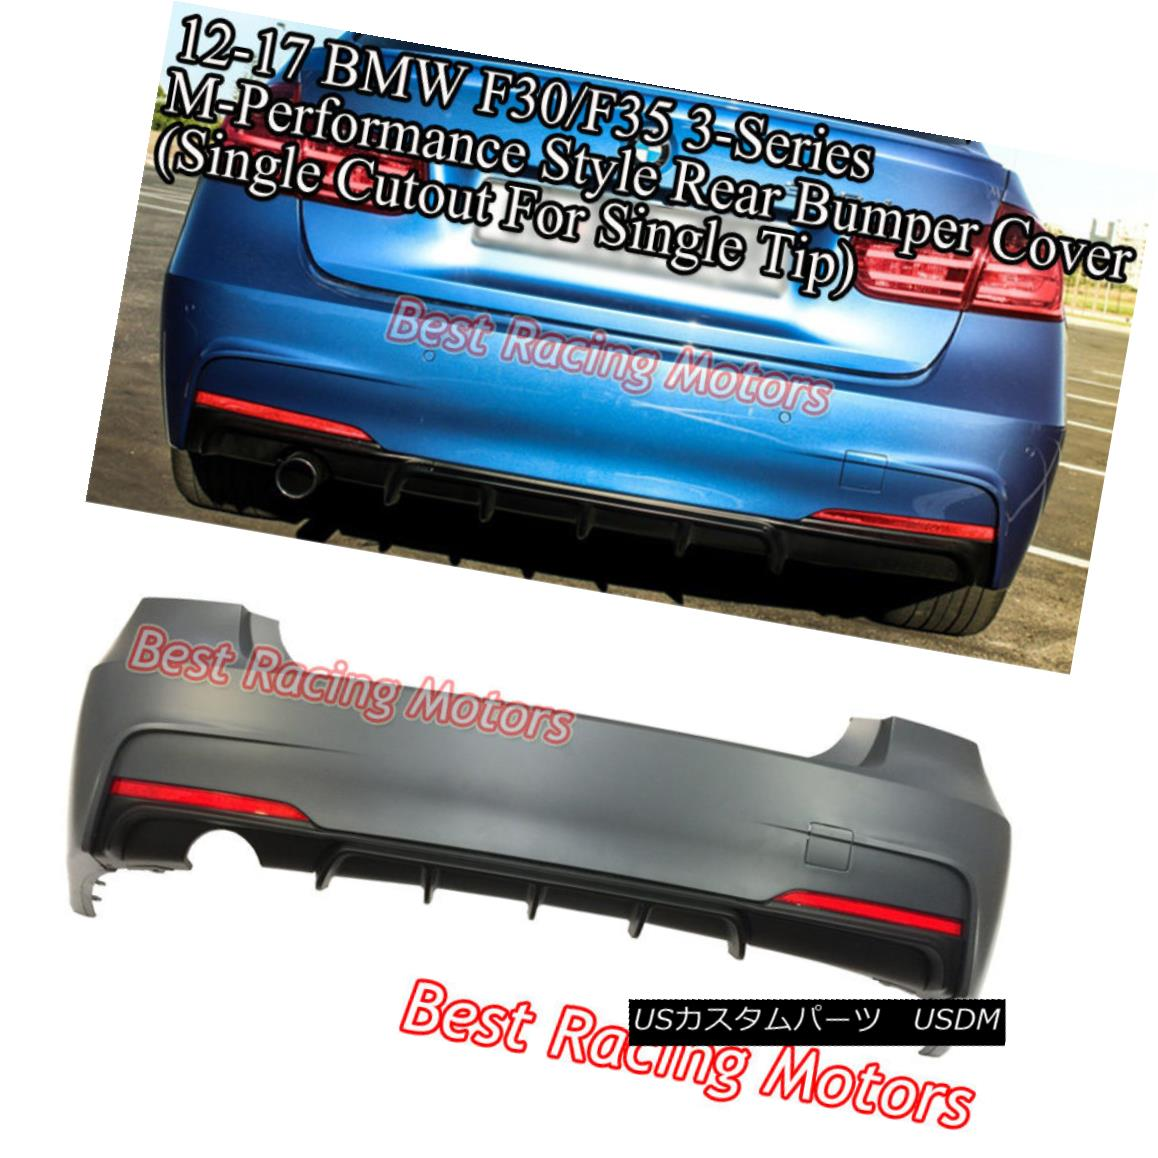 エアロパーツ Performance Style Rear Bumper (1 Outlet) [1 Tip / Outlet] Fit 12-18 BMW F30 4dr パフォーマンス・スタイルリア・バンパー(1アウトレット)[1 Tip / Outlet]フィット12-18 BMW F30 4dr